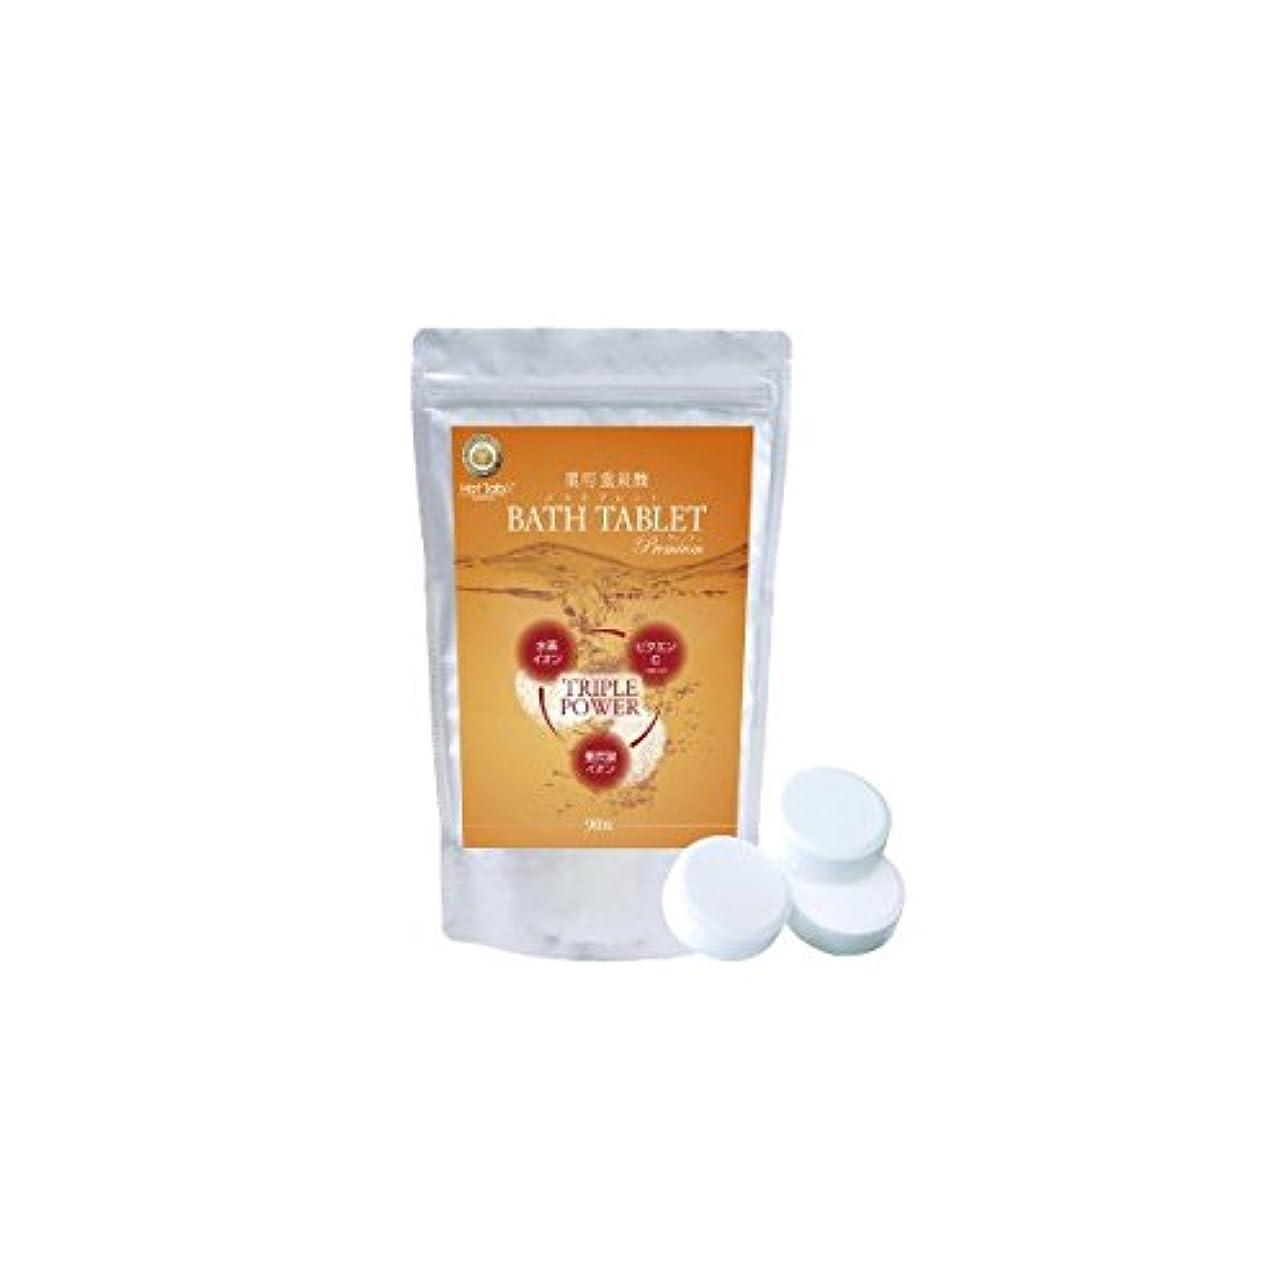 構築する開拓者酸化物薬用入浴剤 薬用重炭酸 バスタブレット プレミアム (12錠)